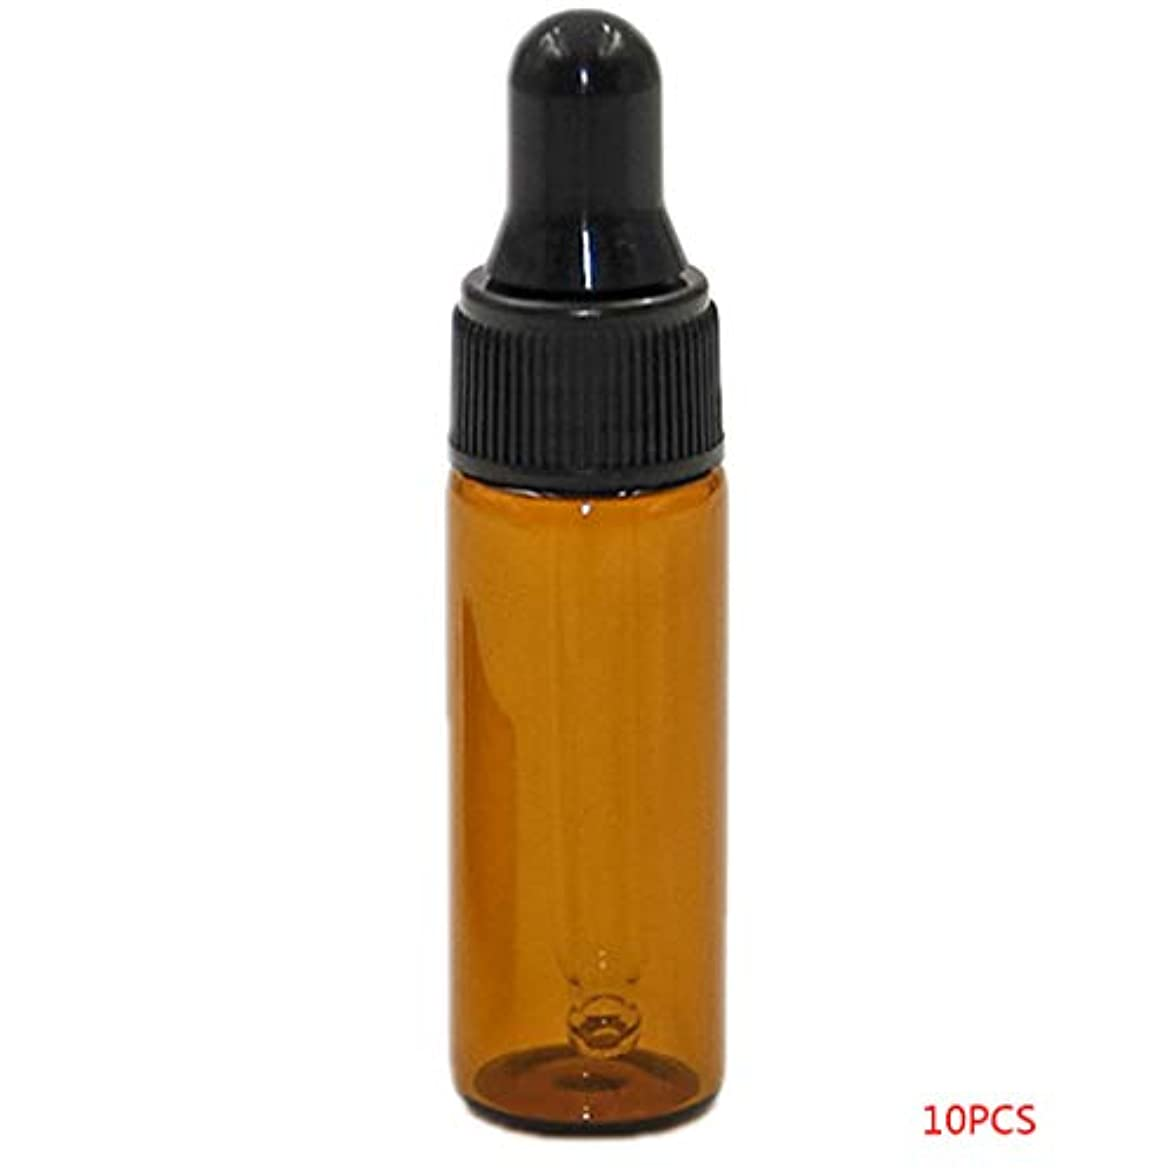 編集する四スペクトラムArichops アロマオイル 精油 小分け用 遮光瓶 セット 茶 ガラス アロマ ボトル オイル 用 茶色 瓶 ビン エッセンシャルオイル 保存 詰替え 瓶 ビン